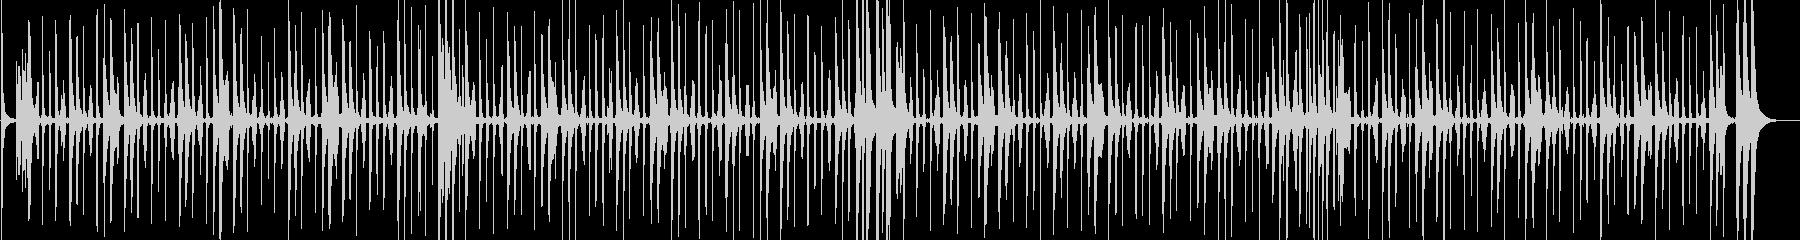 軽快なチャチャチャのリズム 生演奏の未再生の波形